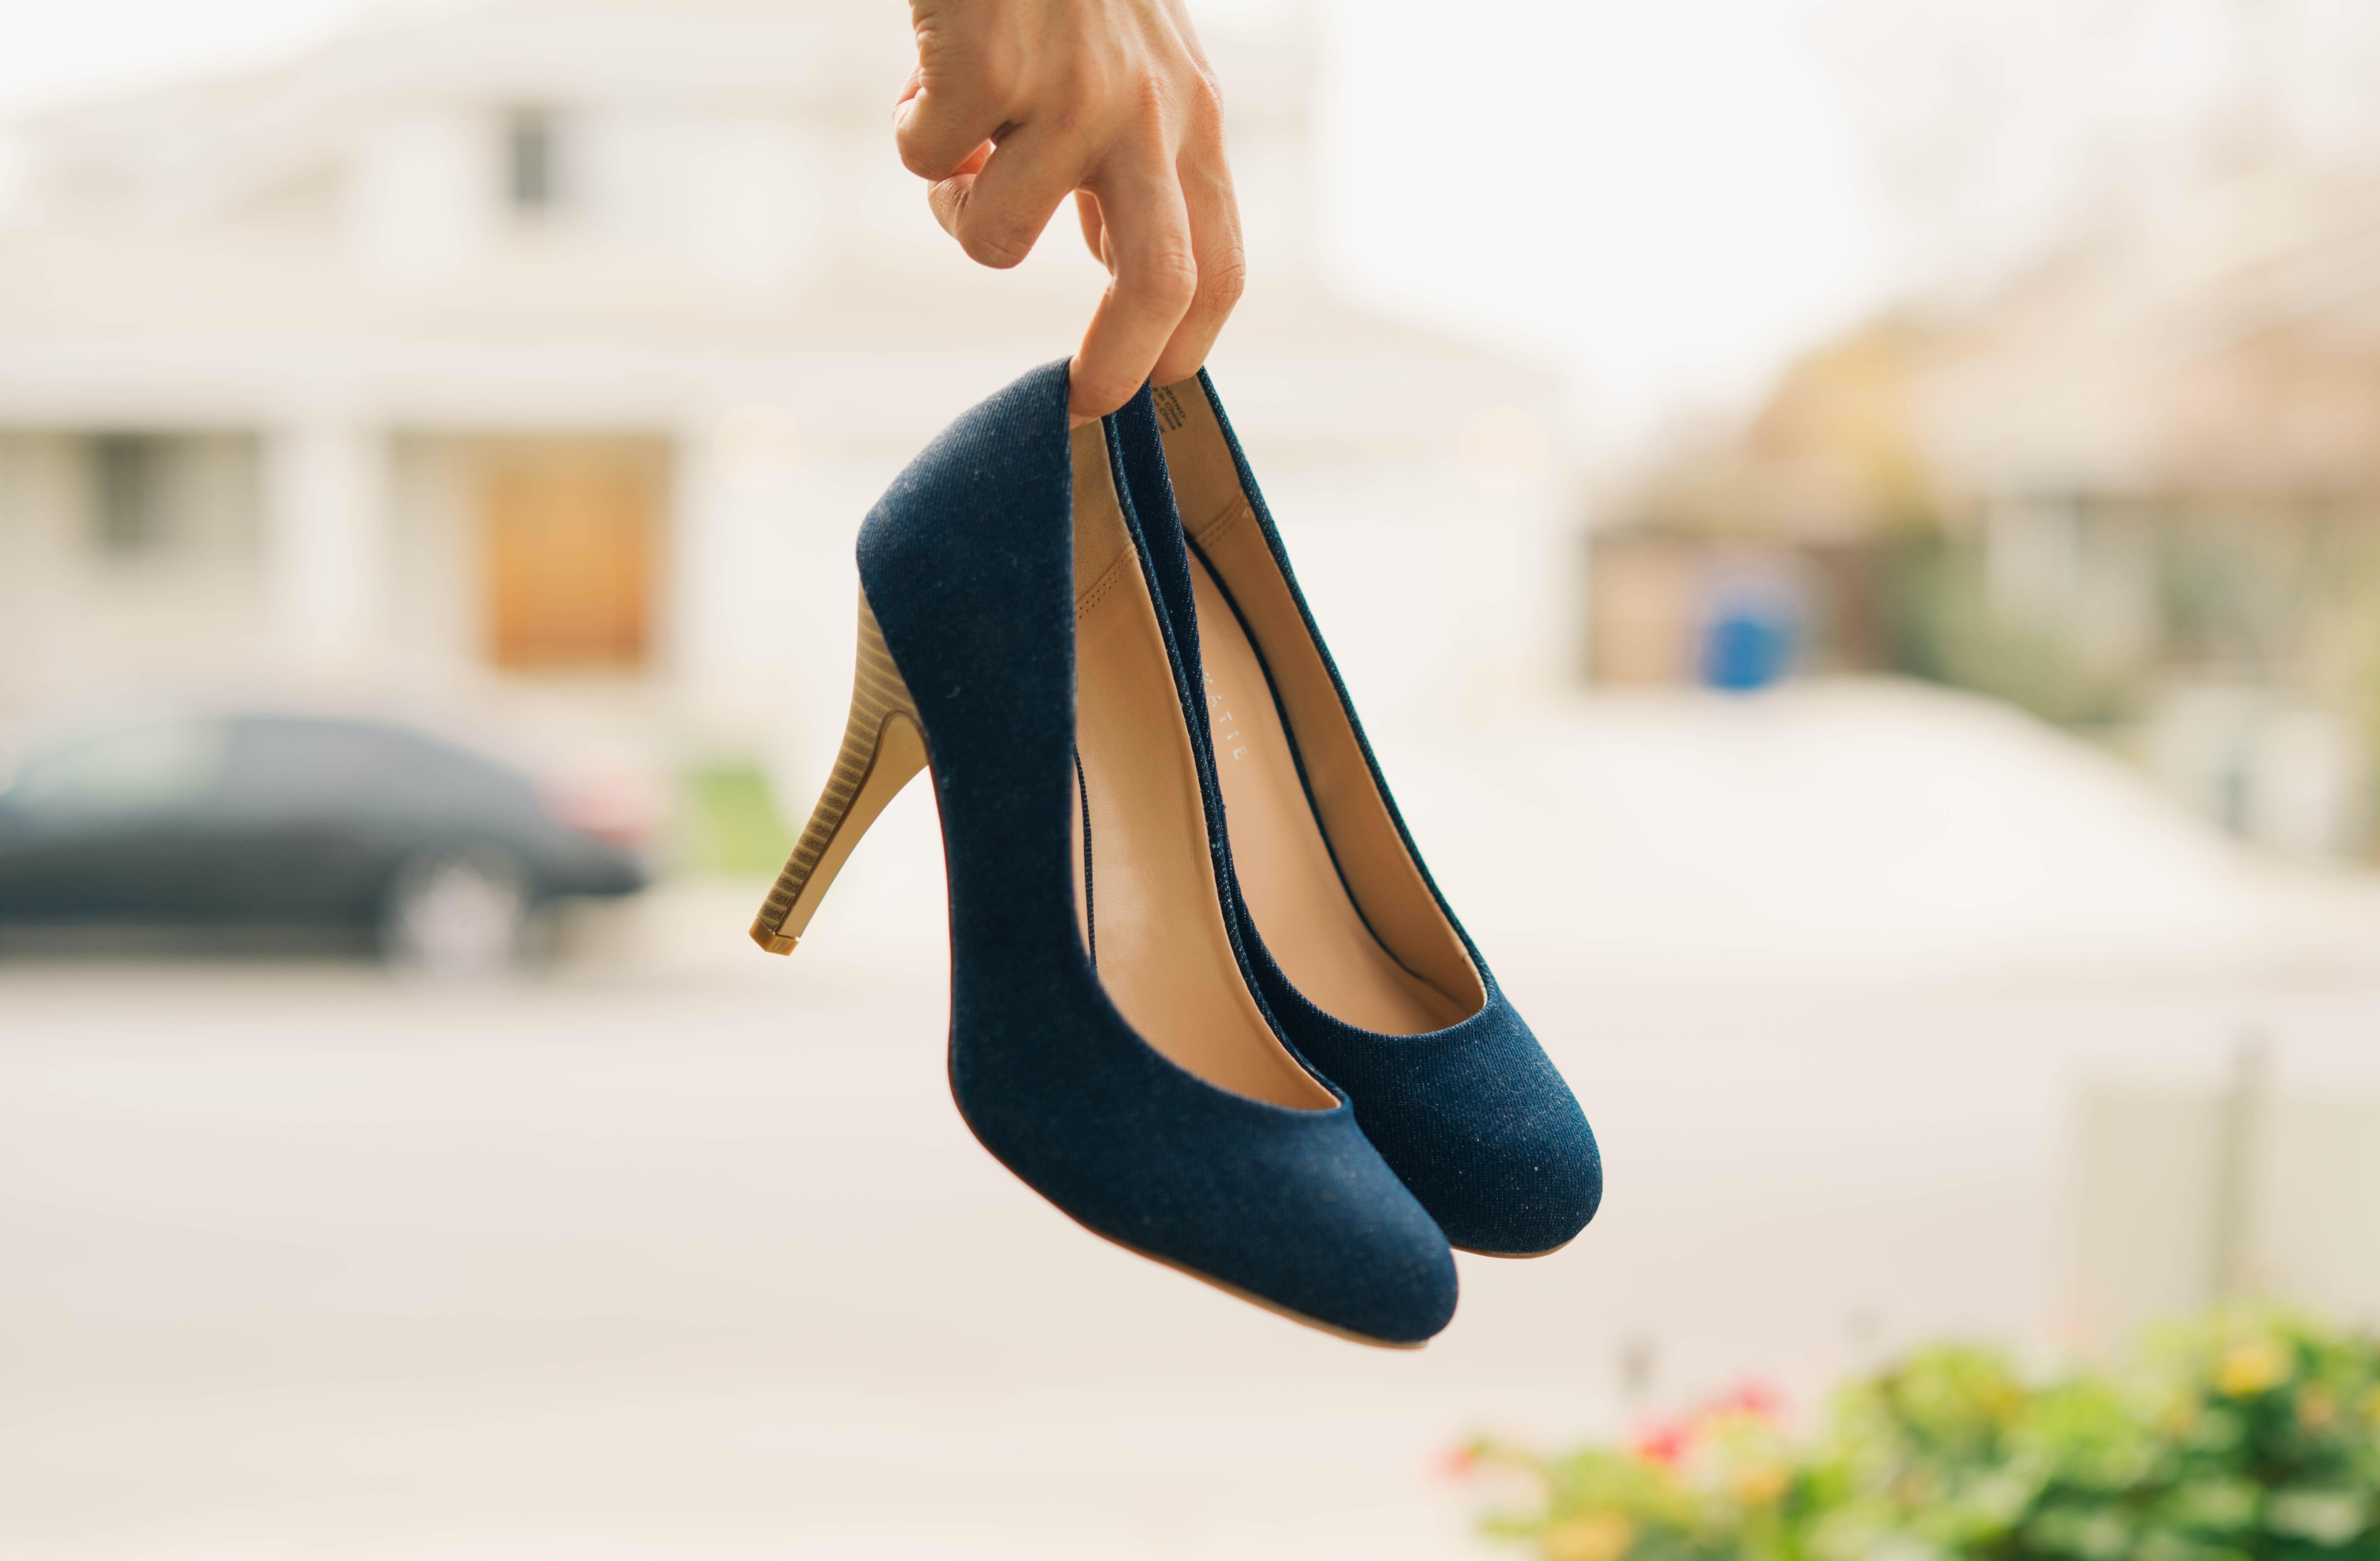 italian-footwear-manufacturing